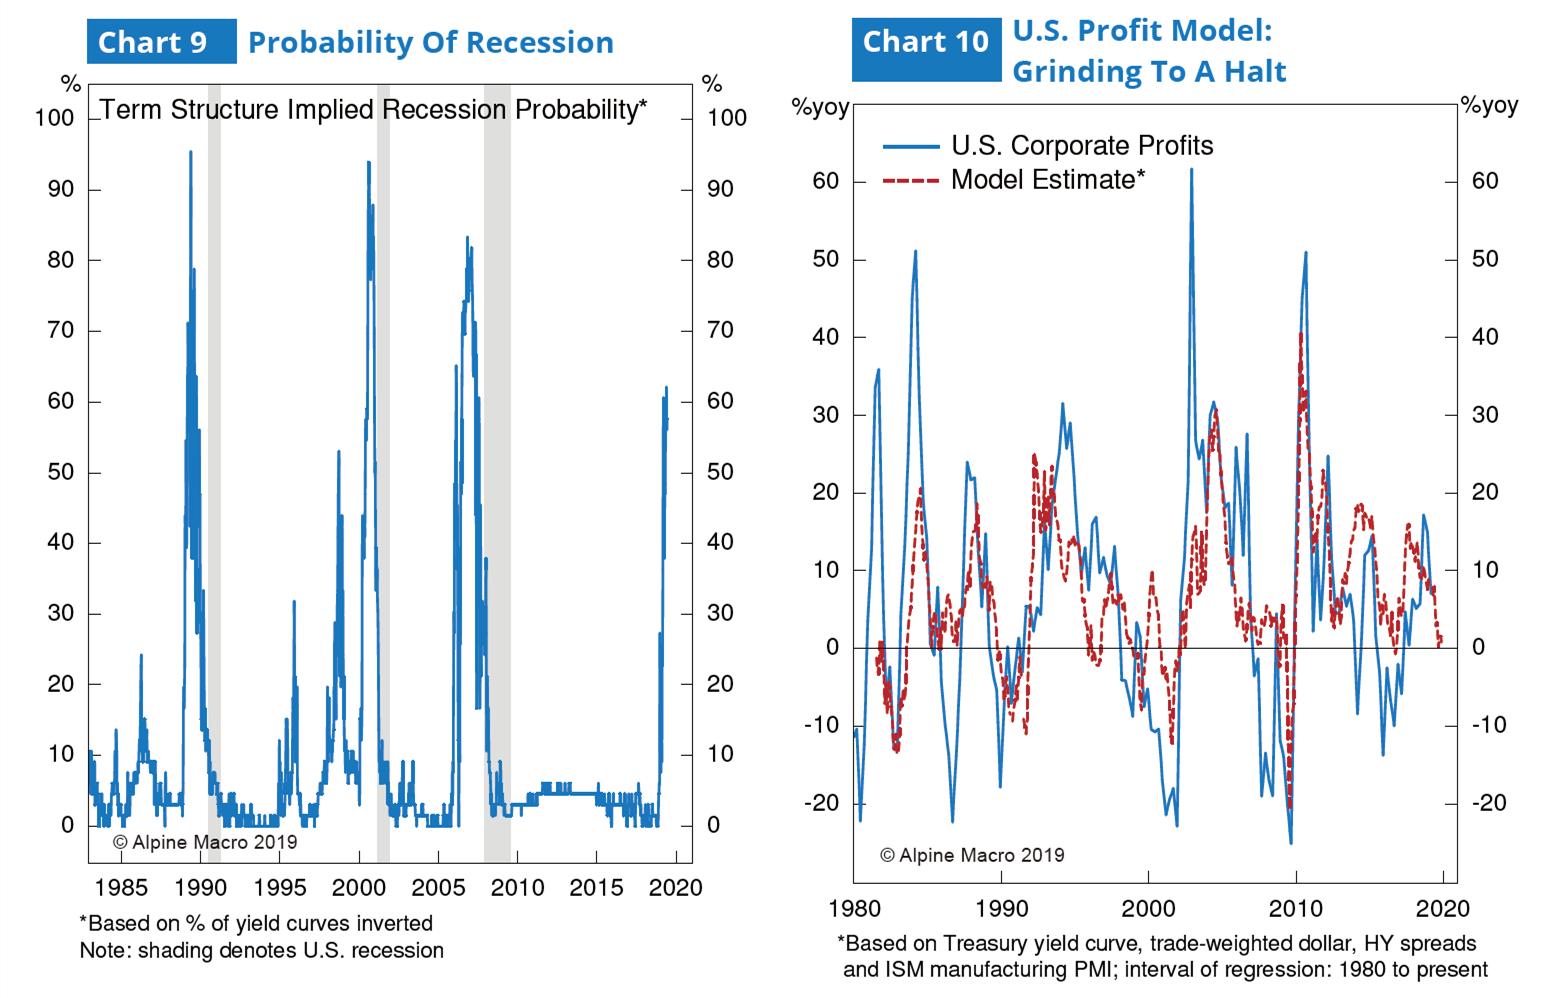 图9:经济衰退概率 & 图10:美国利润预测模型